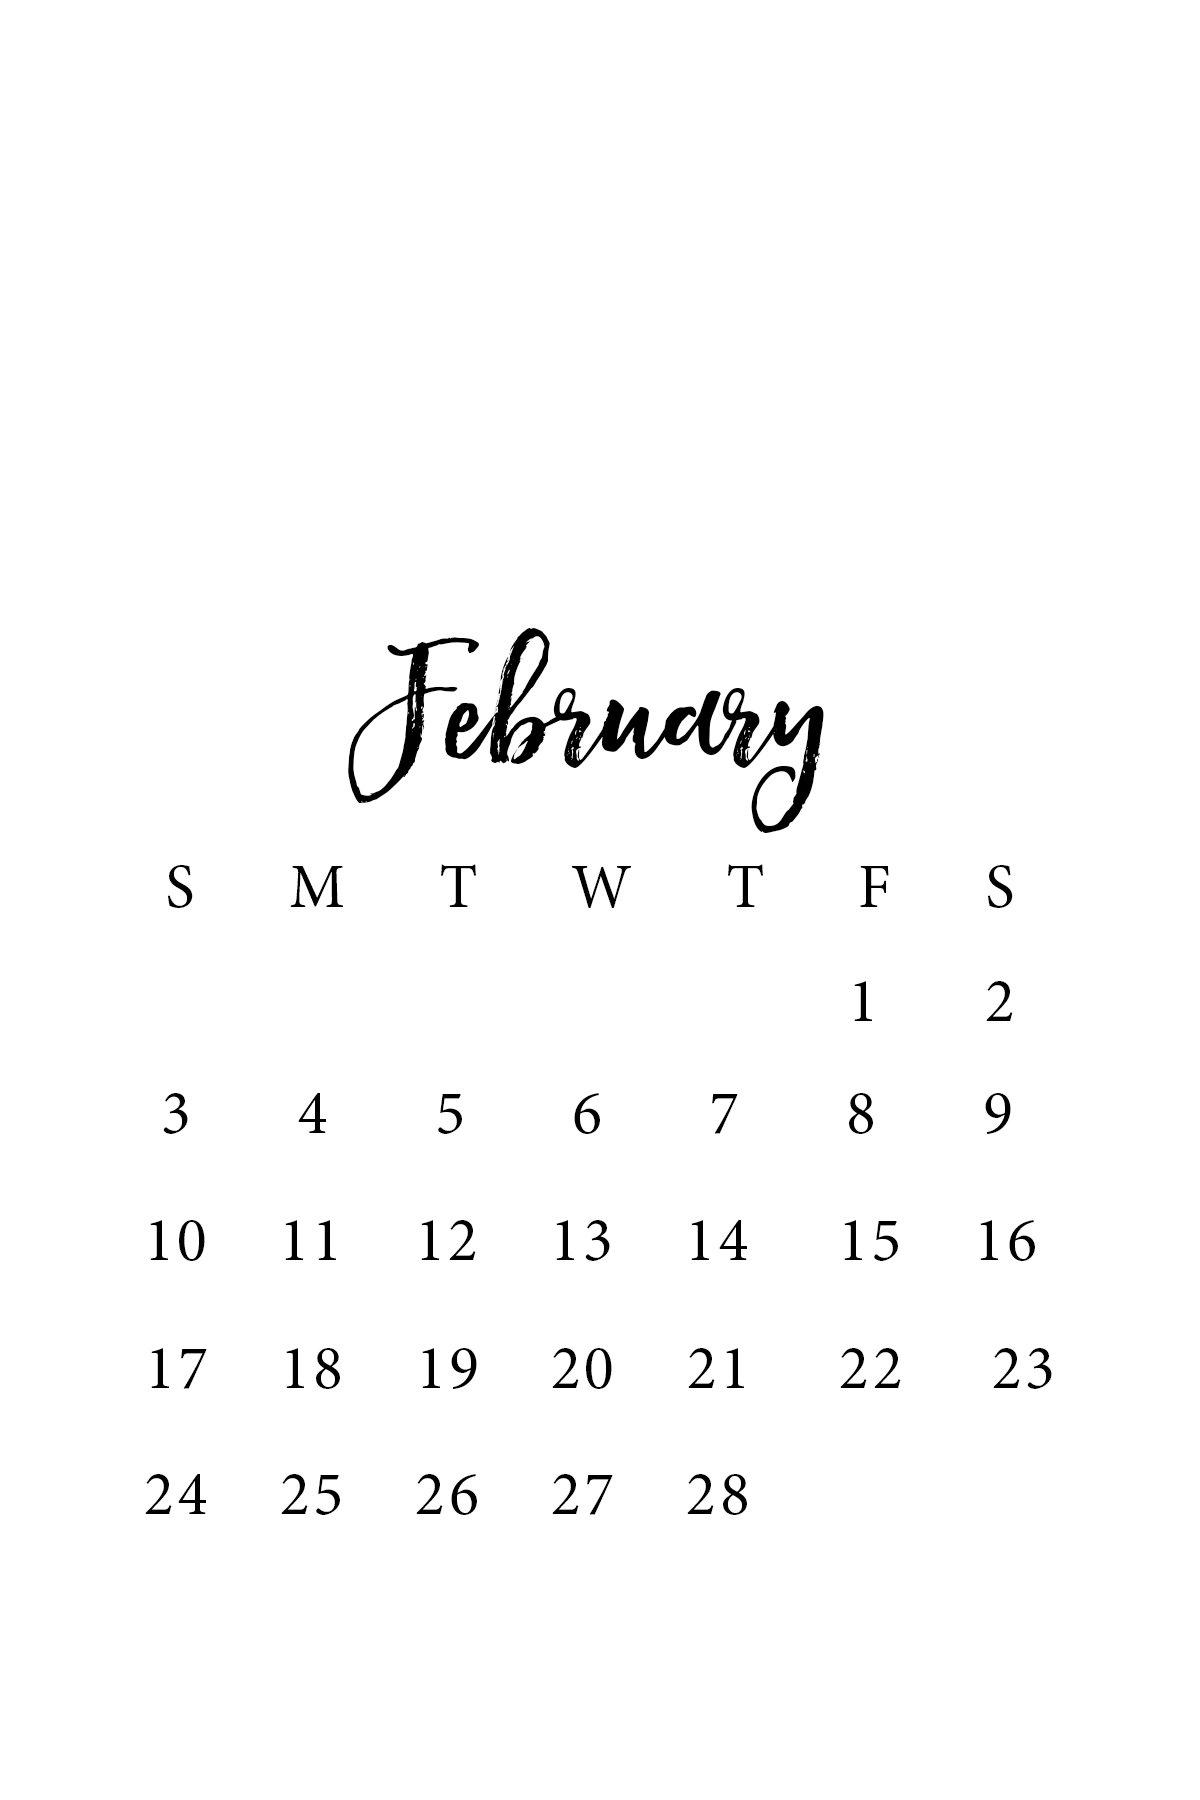 Use Your Photos: Make Your Own Photo Calendar! – Miss Freddy Calendar 2019 App